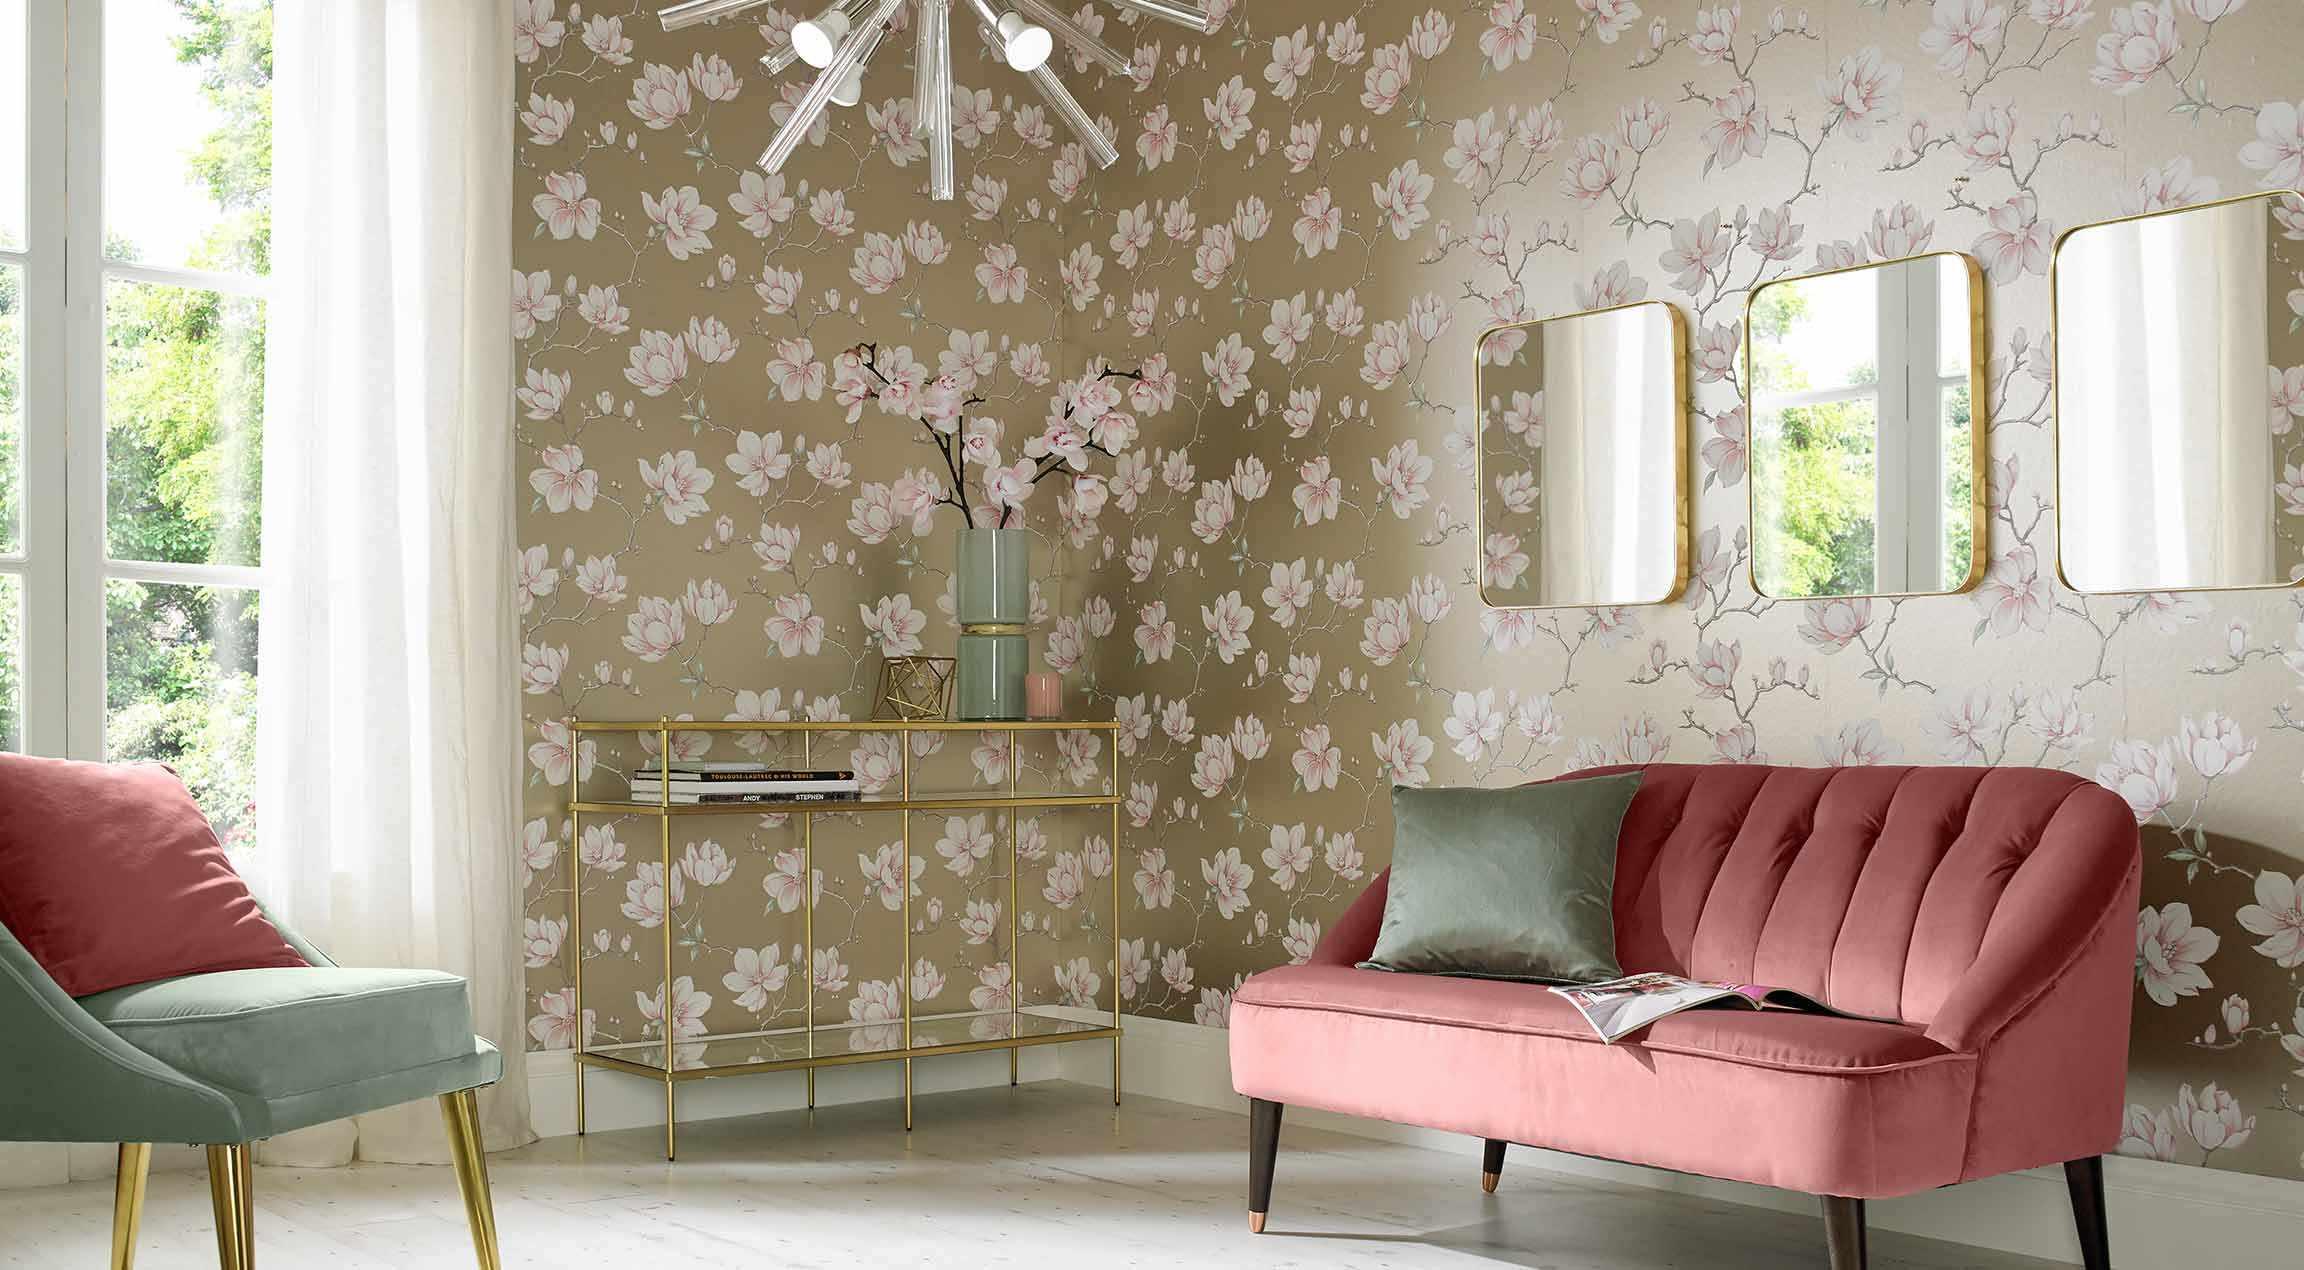 một ví dụ về trang trí đẹp của giấy dán tường cho phòng khách